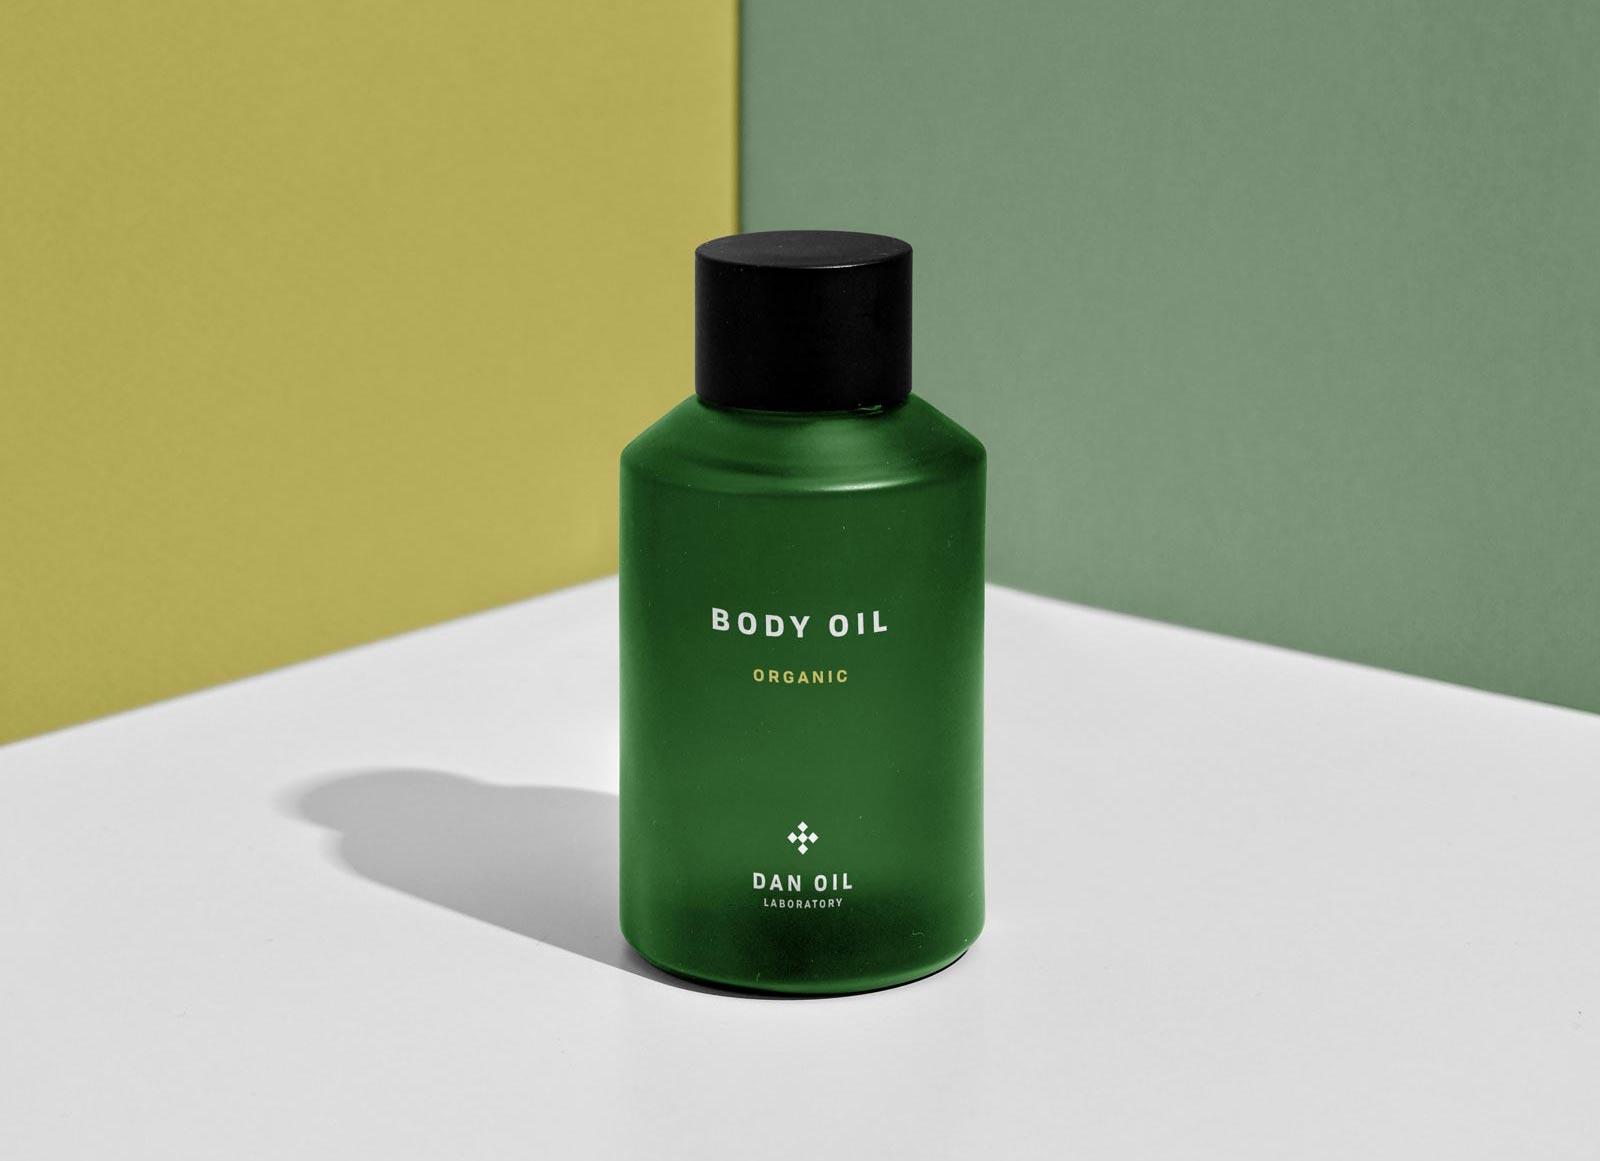 Free-Body-Oil-Bottle-Mockup-PSD